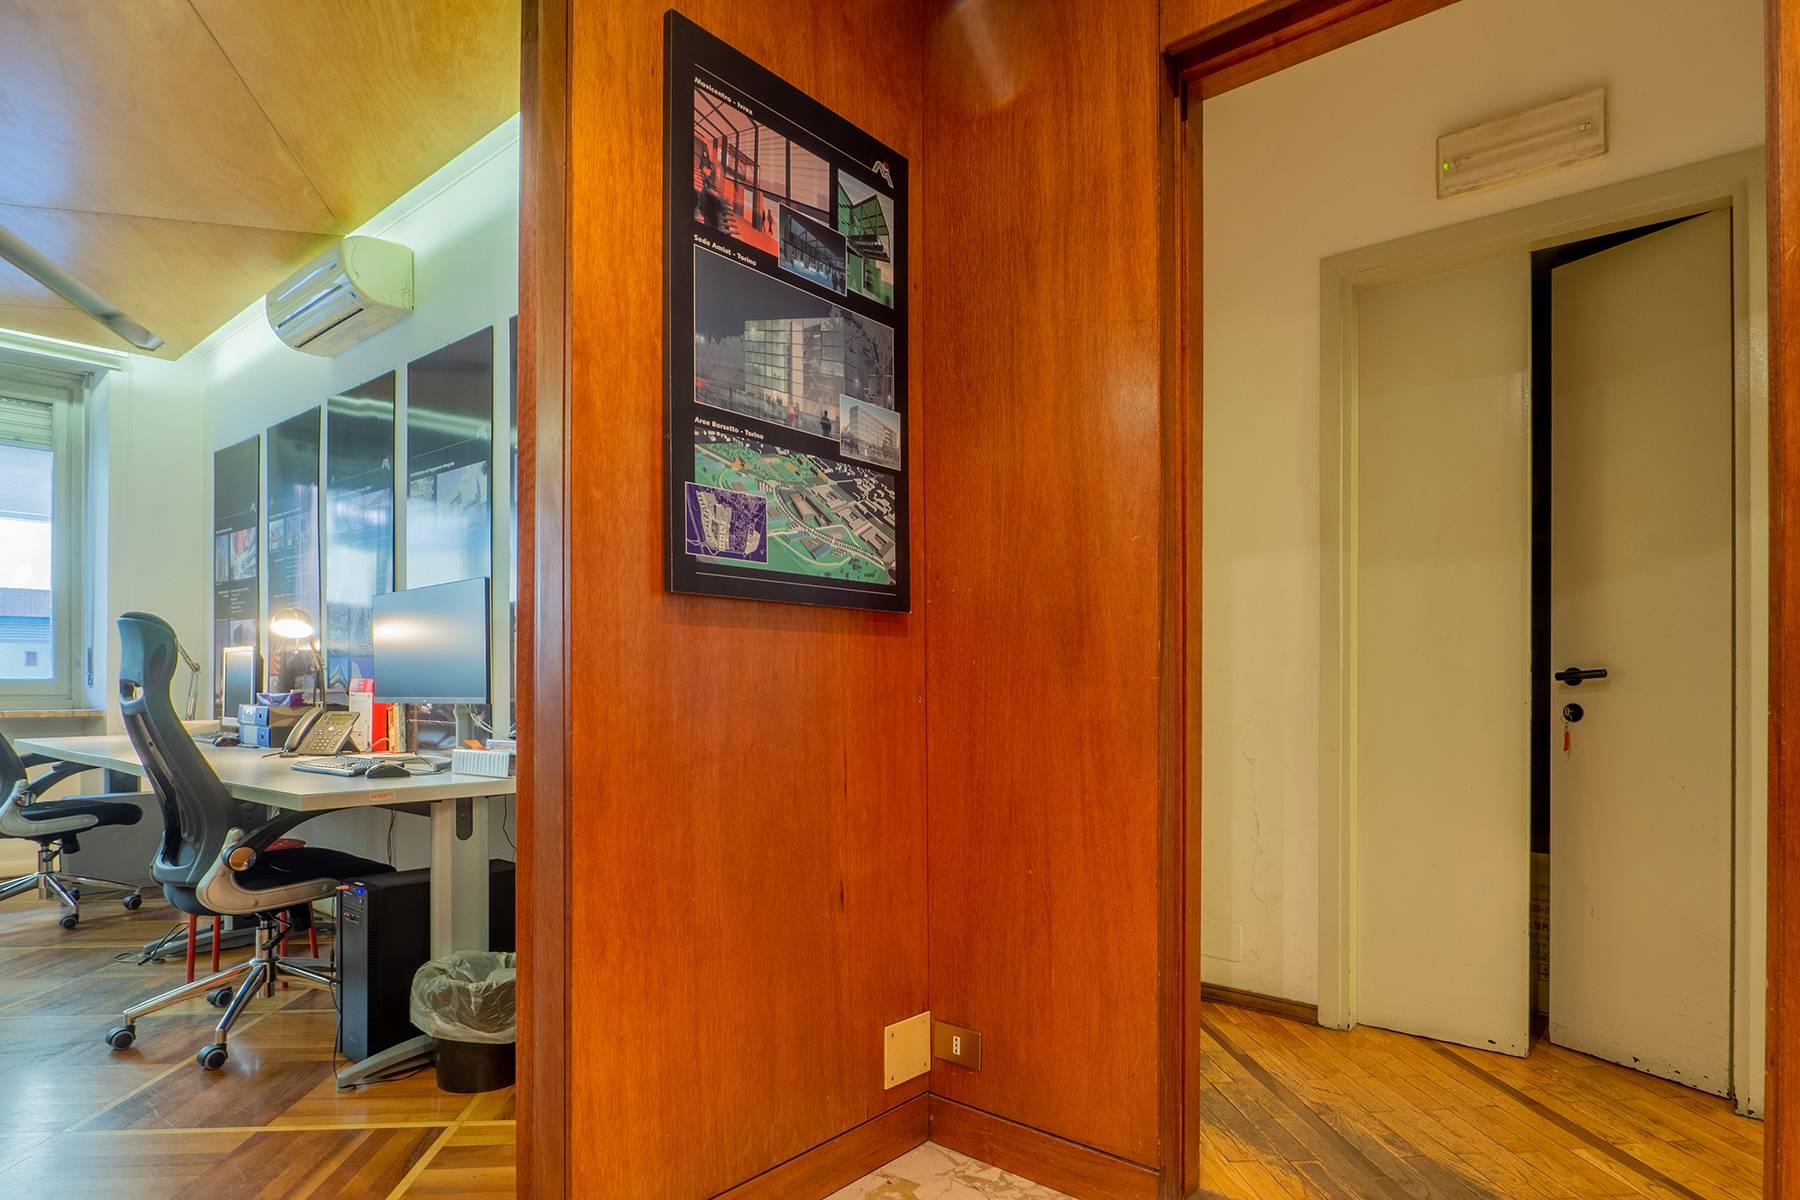 Ufficio-studio in Vendita a Torino: 2 locali, 89 mq - Foto 16